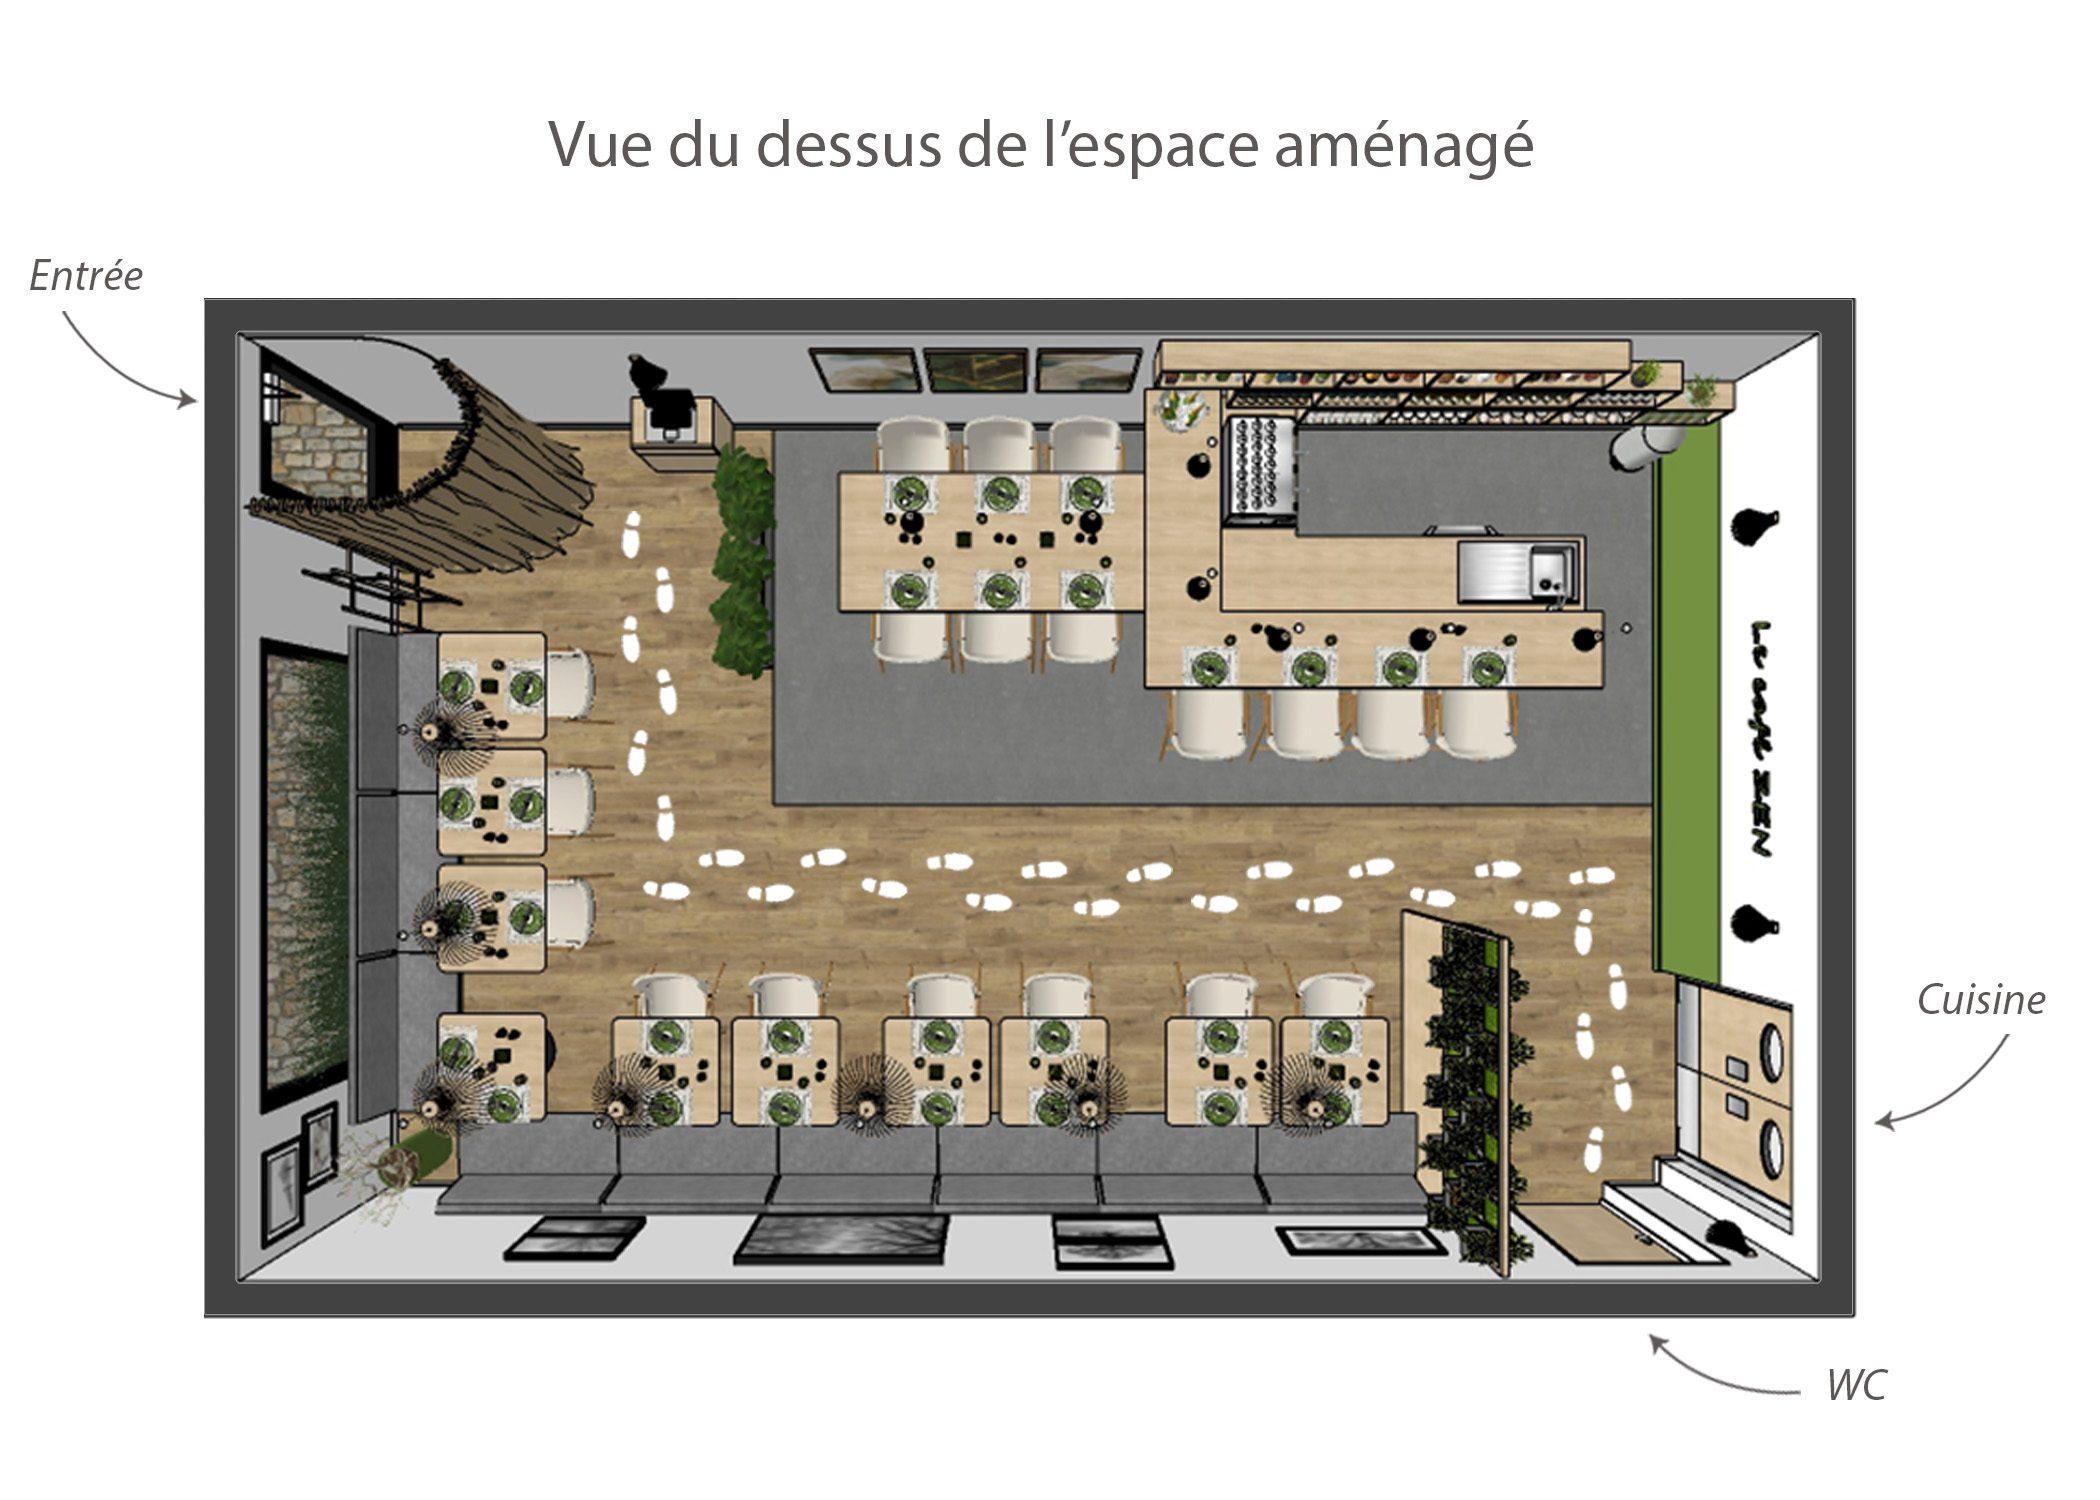 amenagement-decoration-restaurant-lyon-vue du dessus espace amenage-dekho design